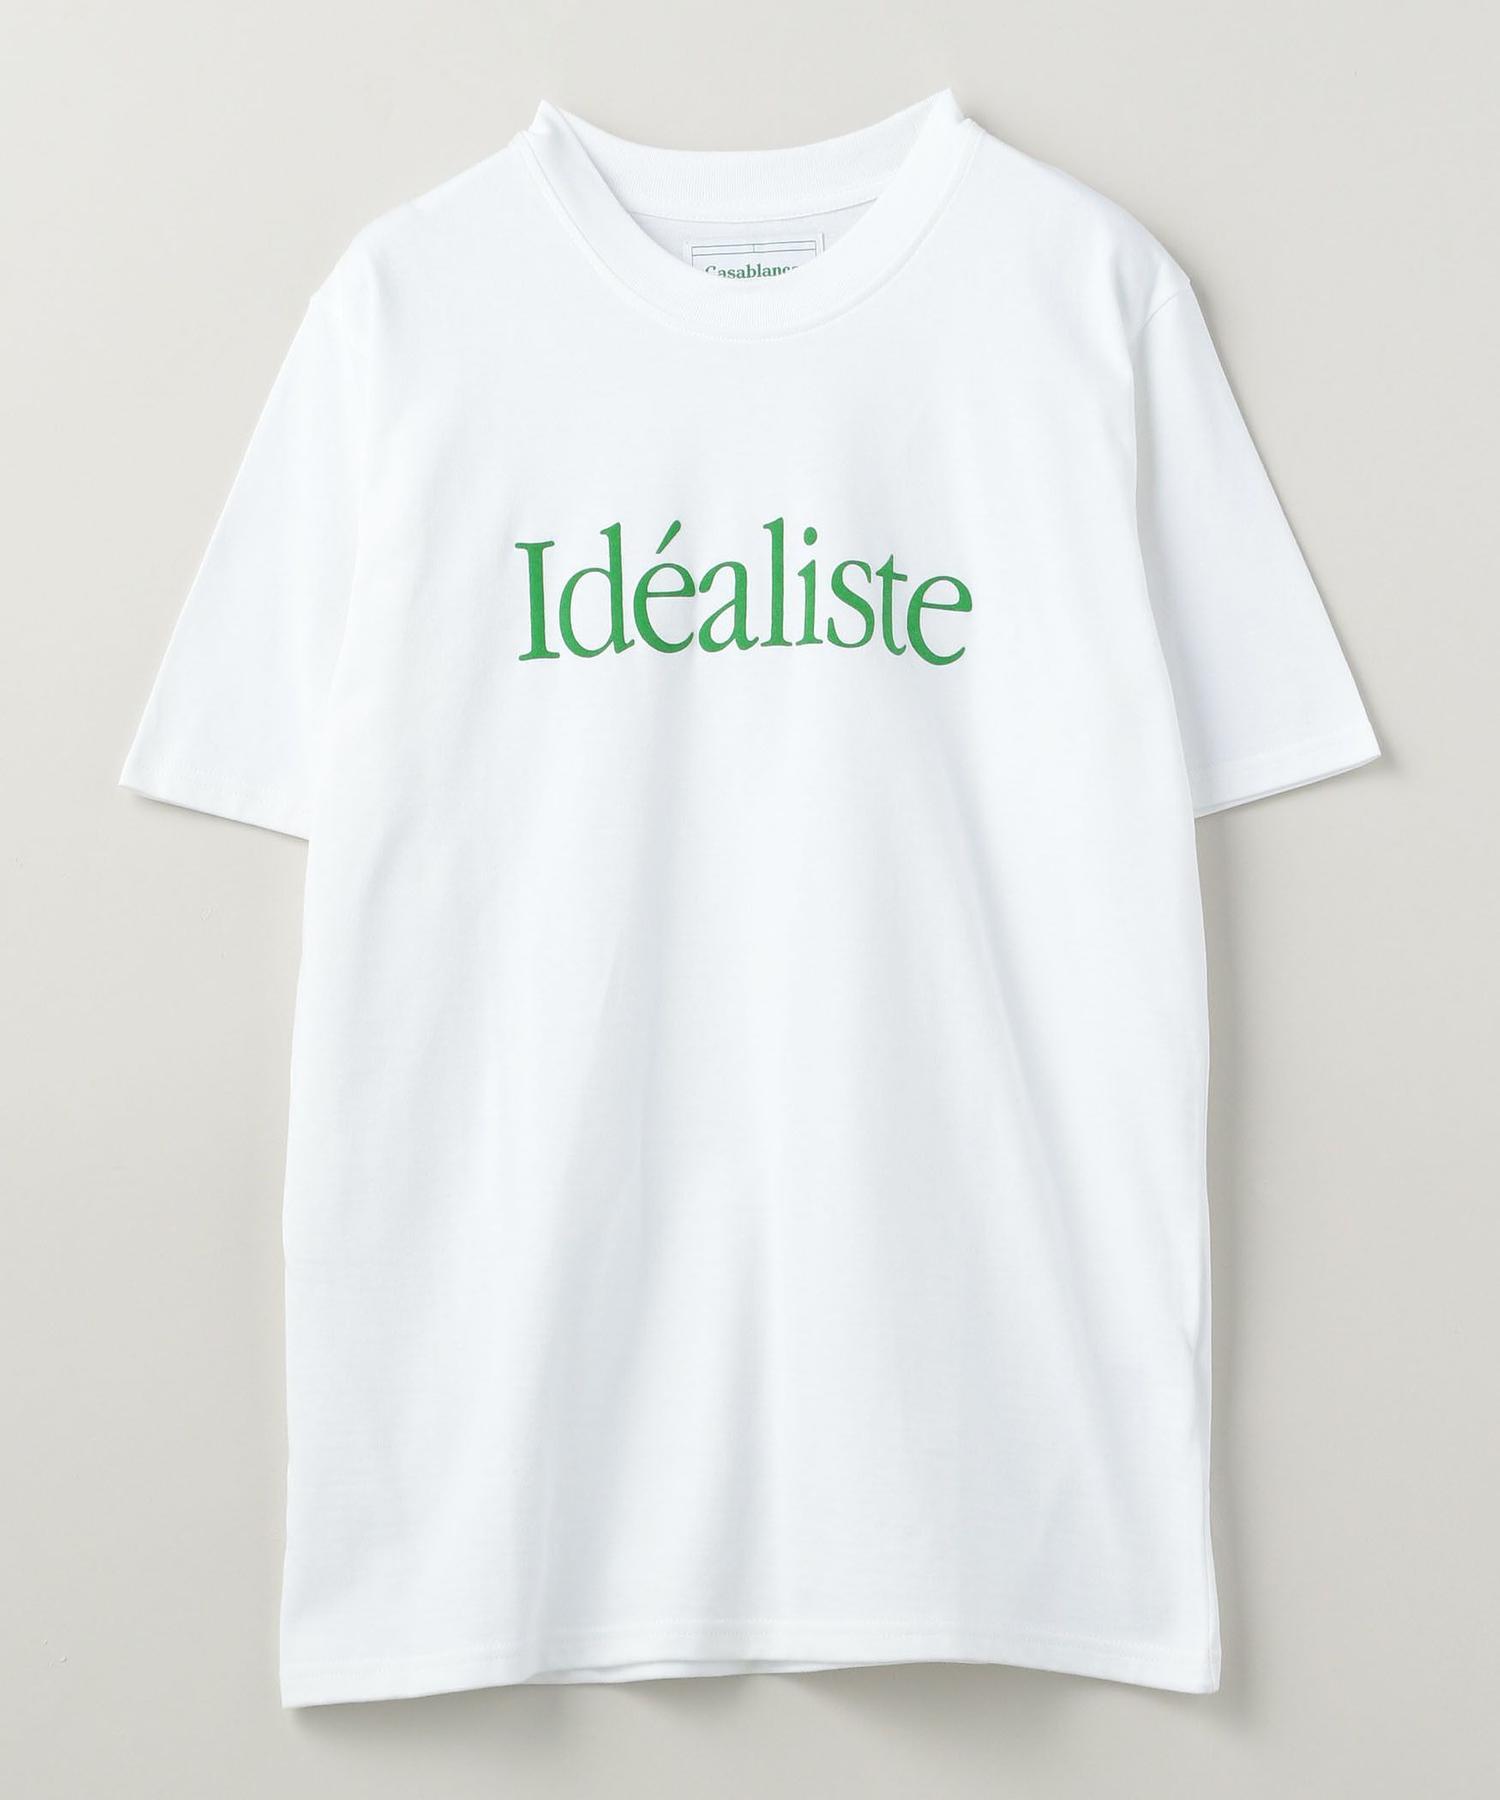 松本潤 嵐にしやがれ 10.31 衣装 Do you…? Idealiste Casabranca